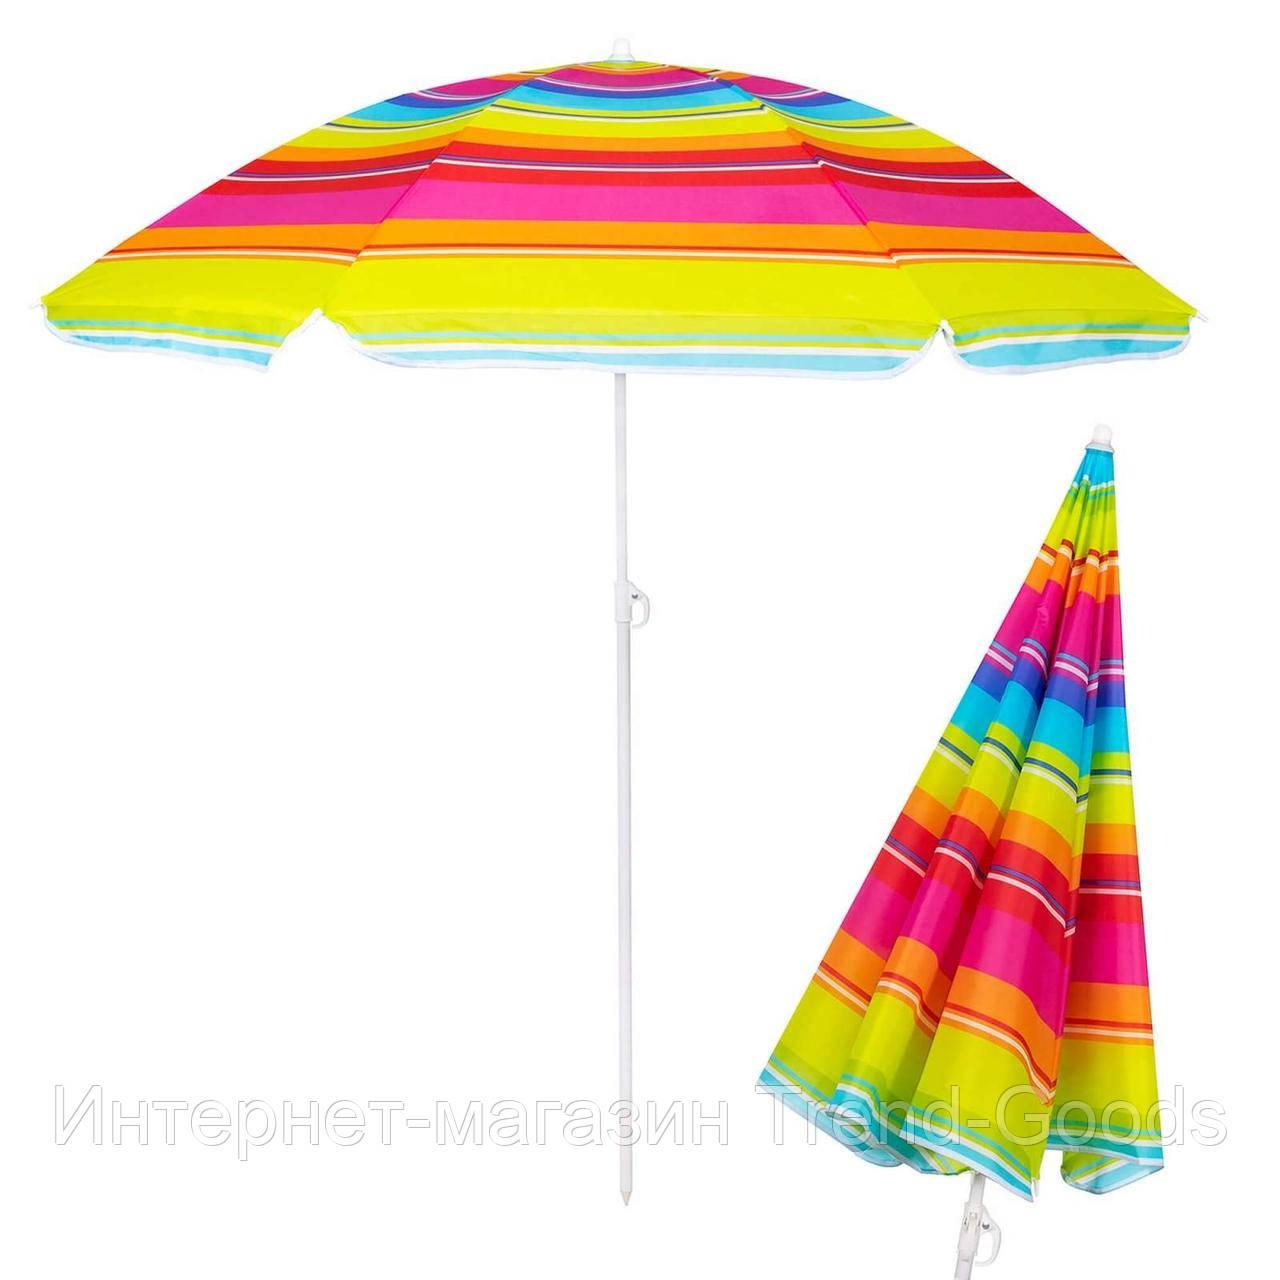 Пляжный зонт с регулируемой высотой Springos 160 см BU0005 SKL41-252486